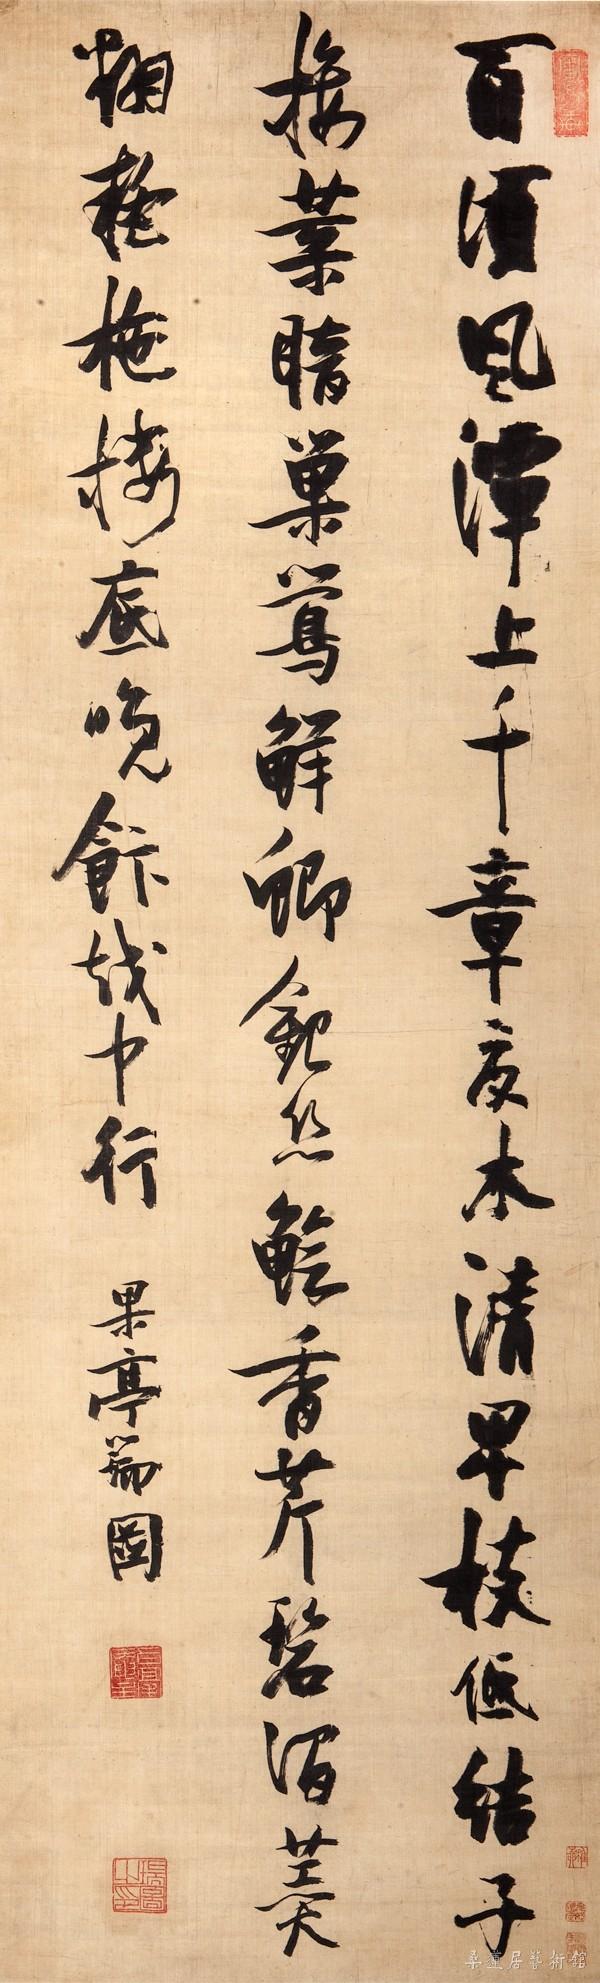 张瑞图 行书